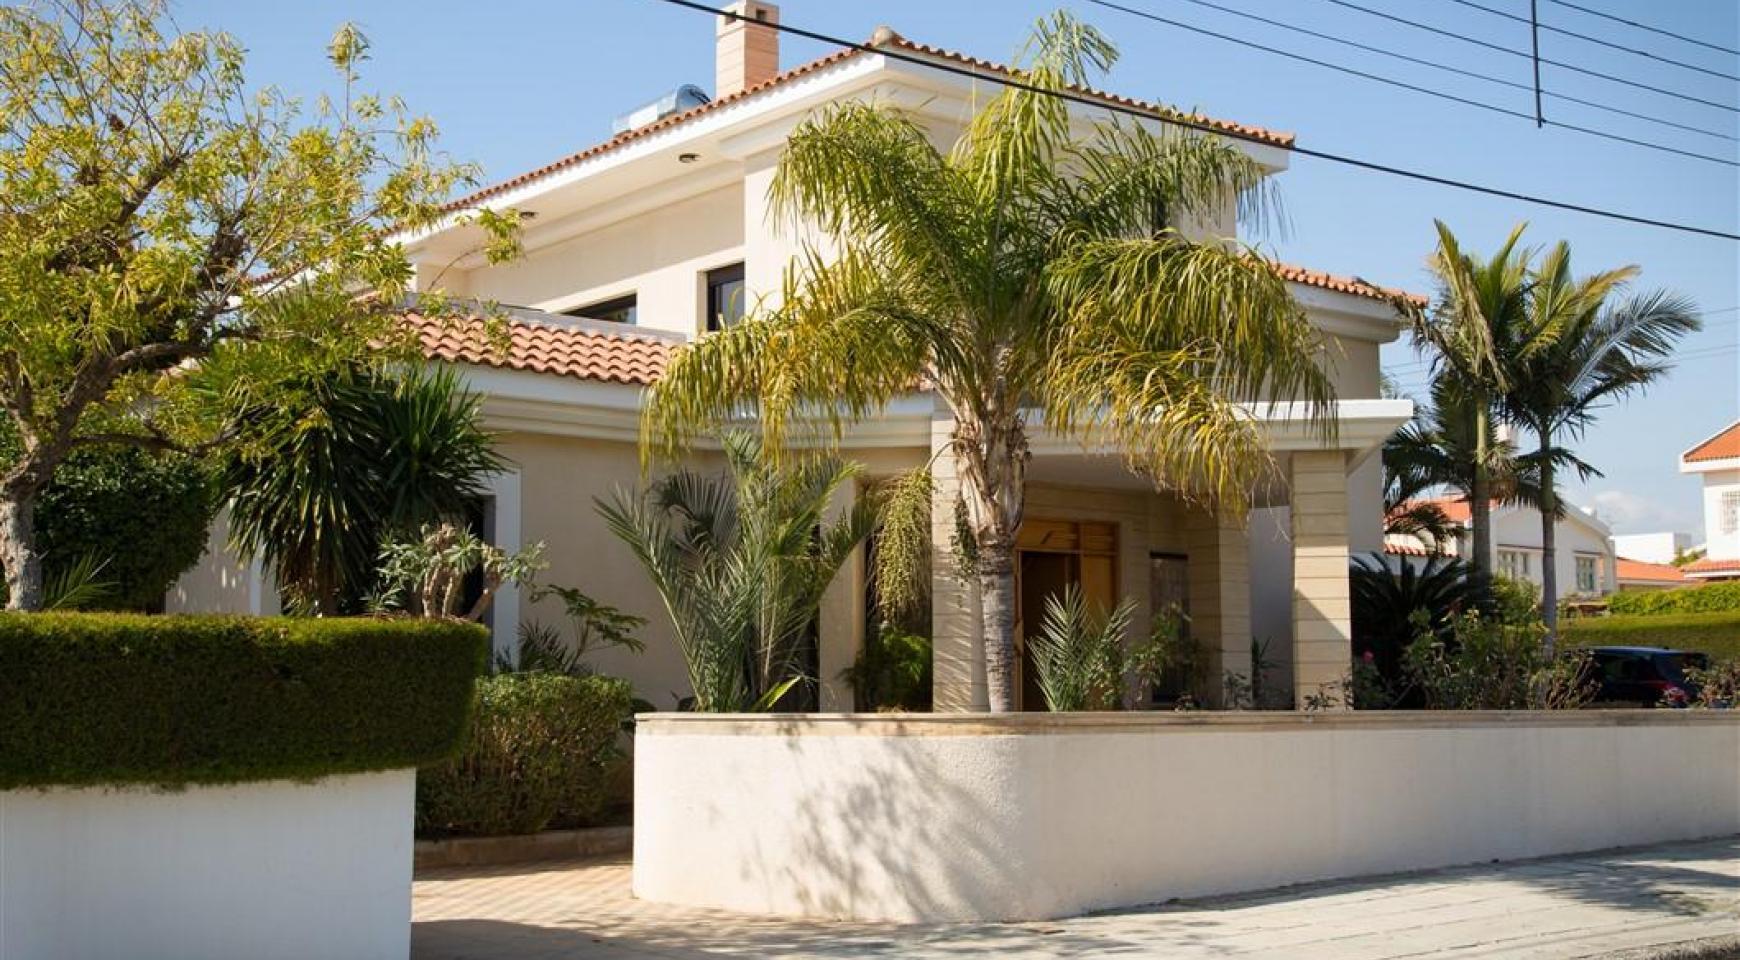 4 Bedroom Villa in Germasogeia Area - 1